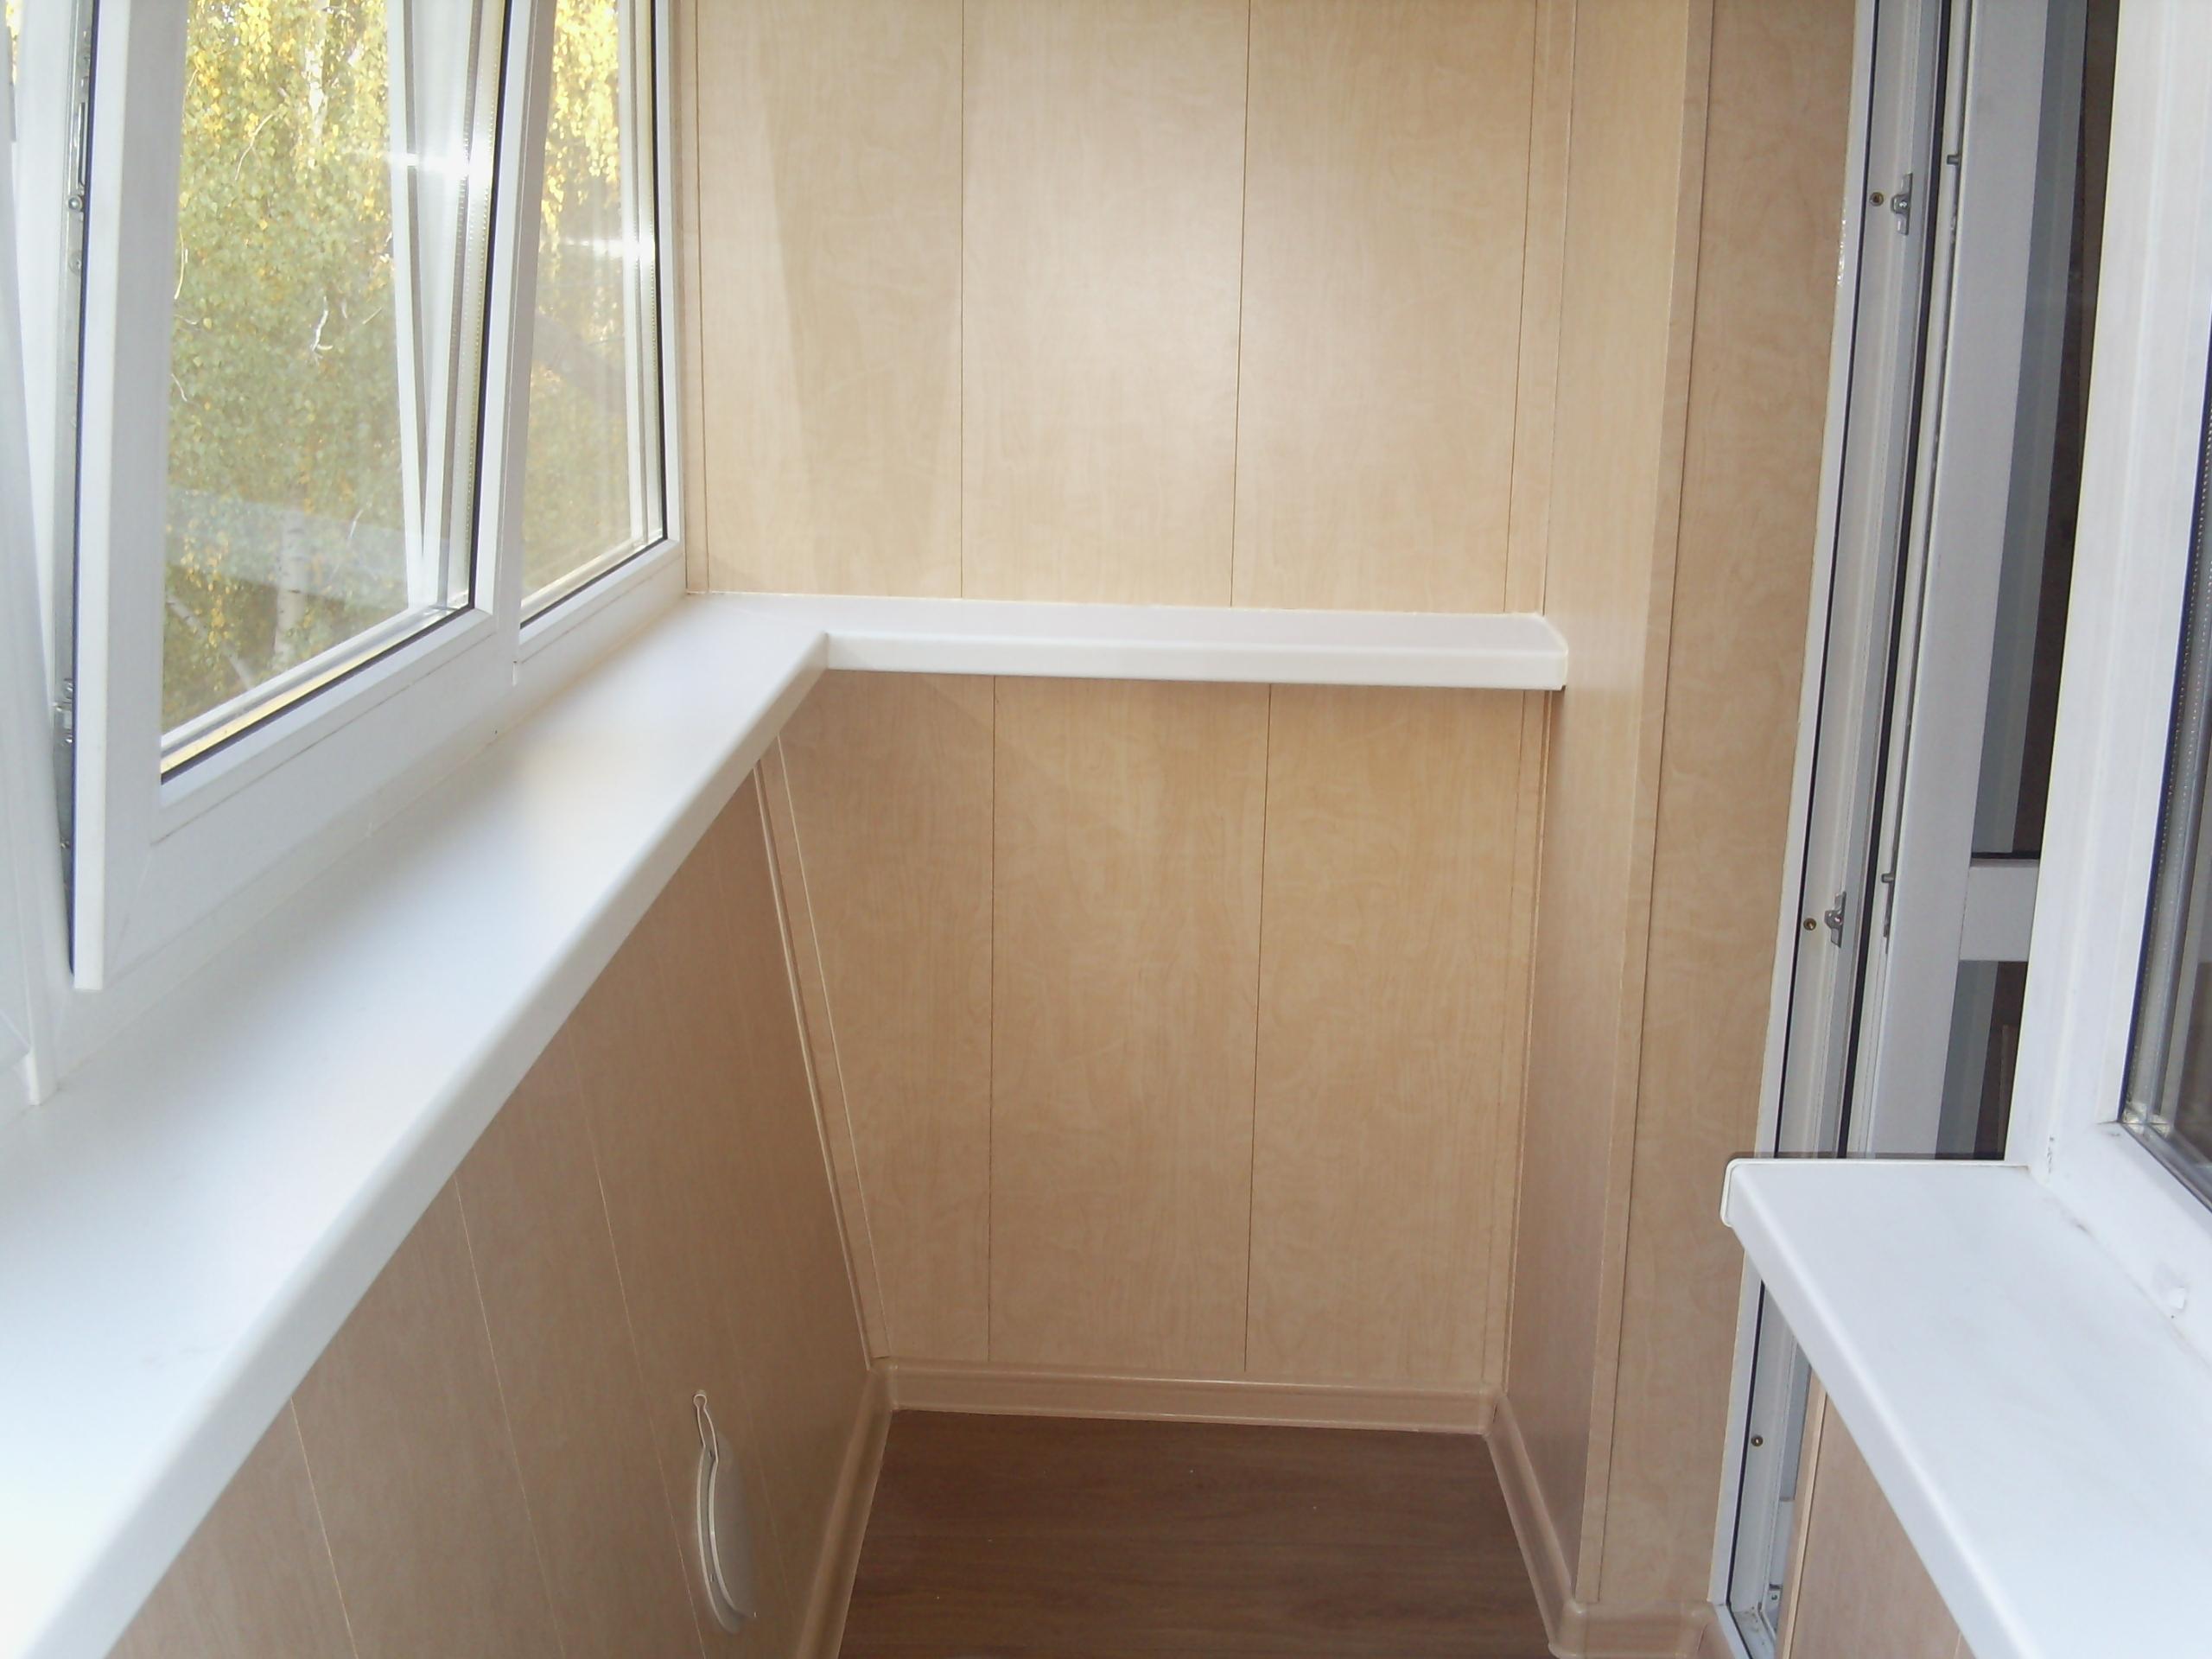 Отделка балкона пвх: обзор современных идей отделки и советы по выбору панелей (165 фото)